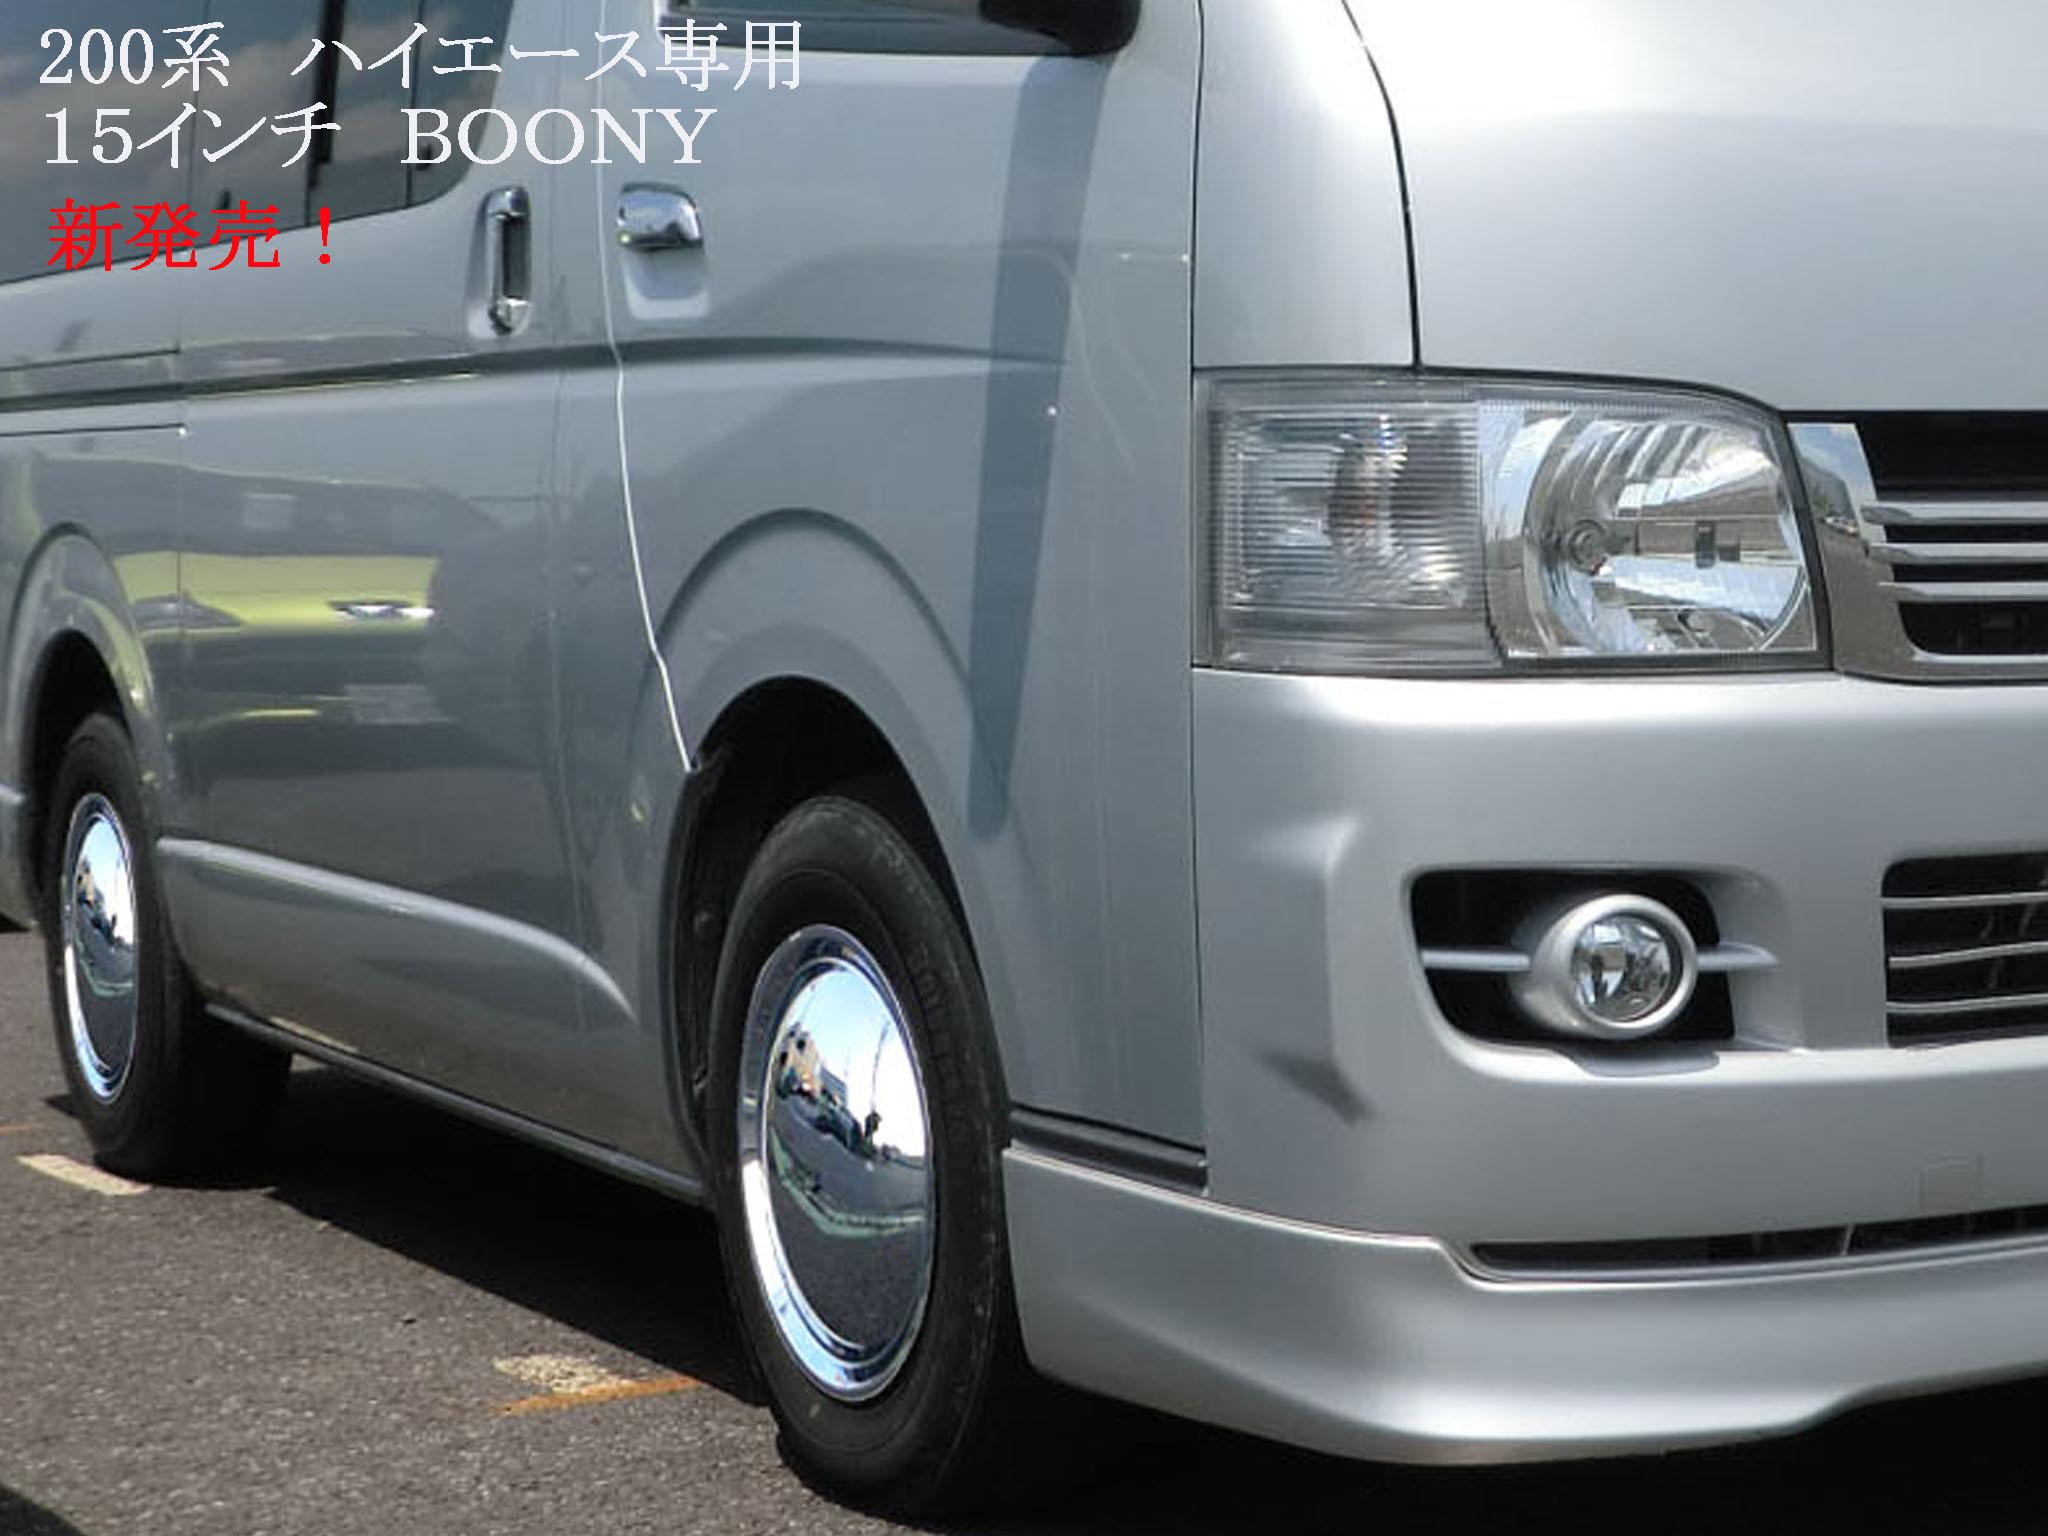 Boony ハイエース15インチ2_11061